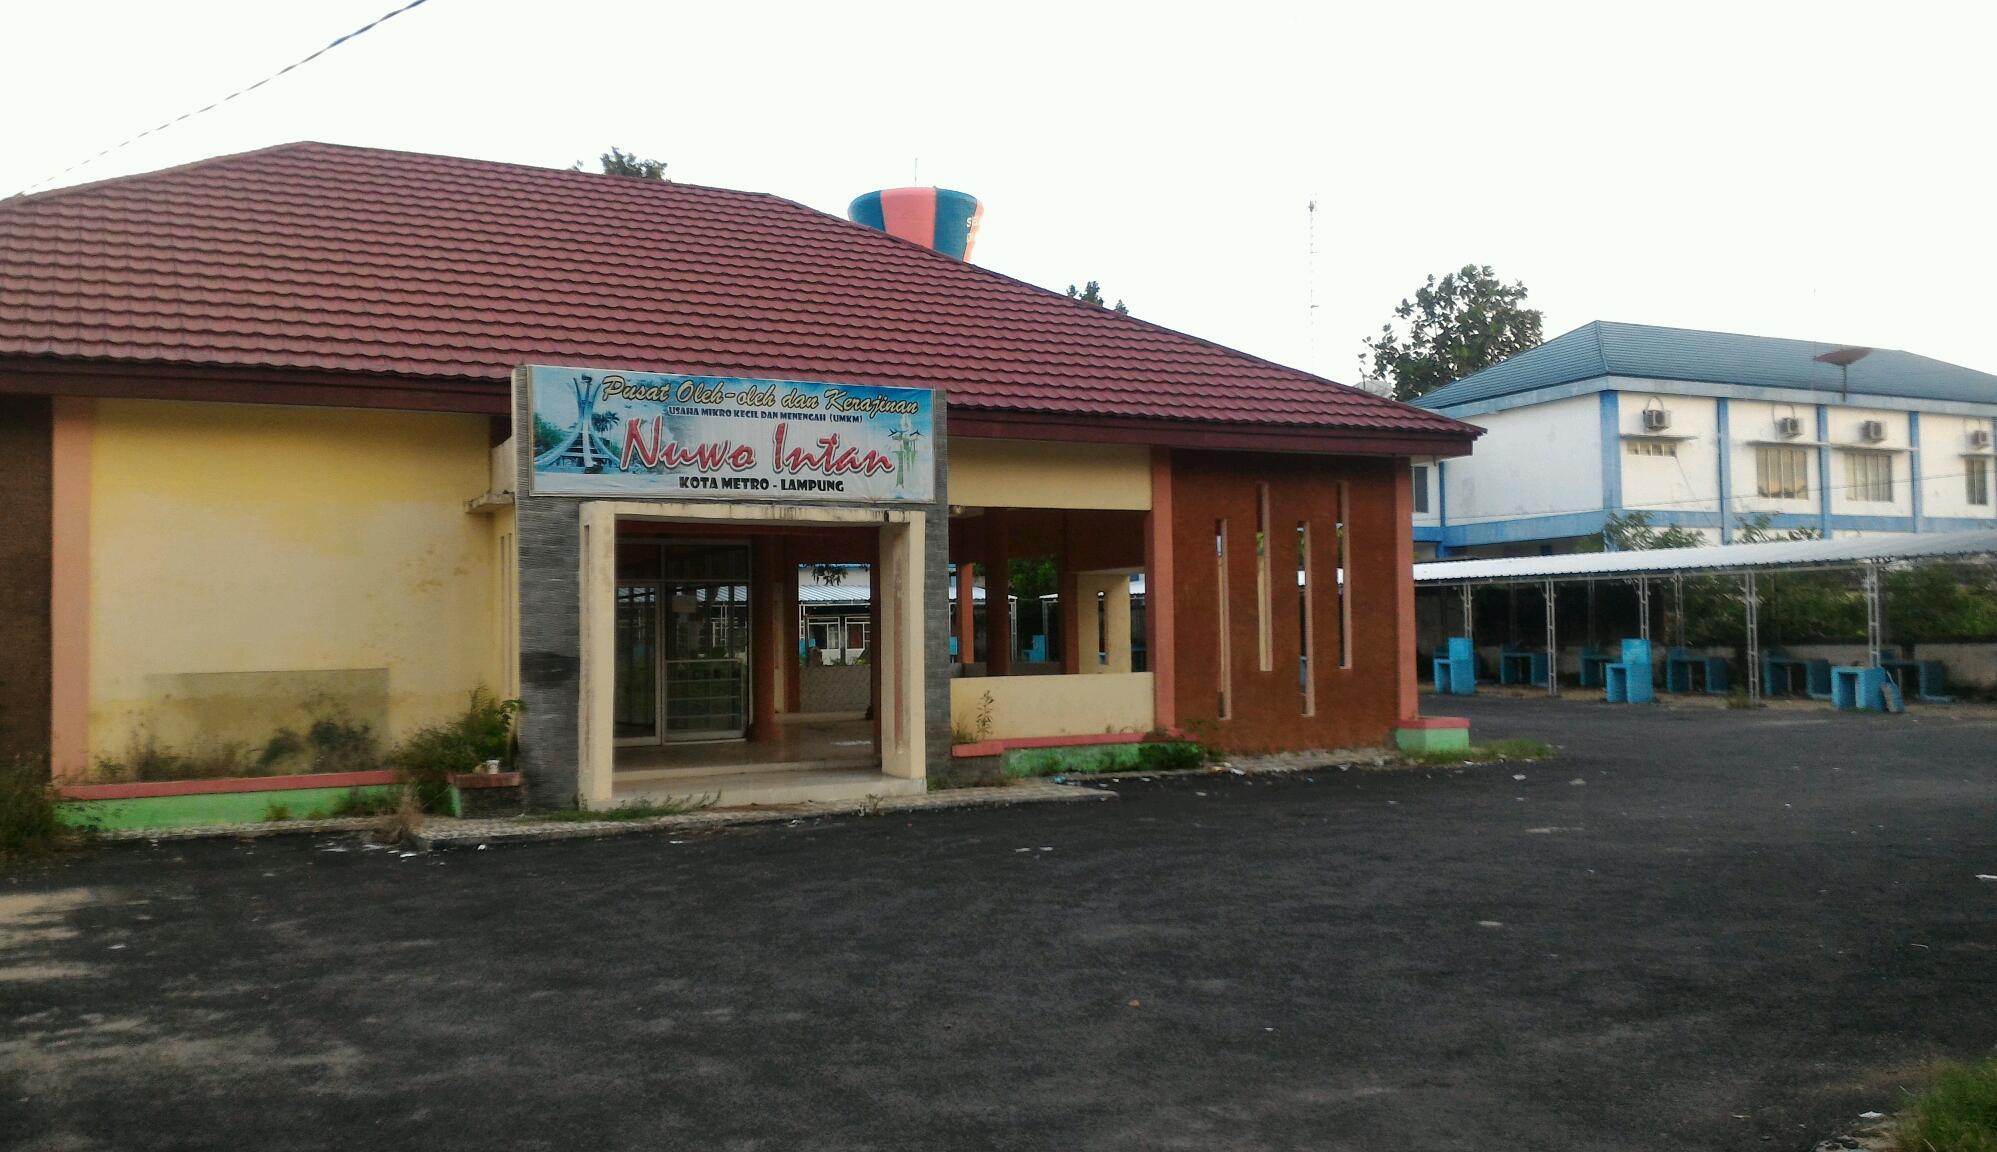 Eks gedung Nuwo Intan, yang saat ini menjadi lokasi Sentra Makanan Cepat Saji. Foto : Sebatin.com